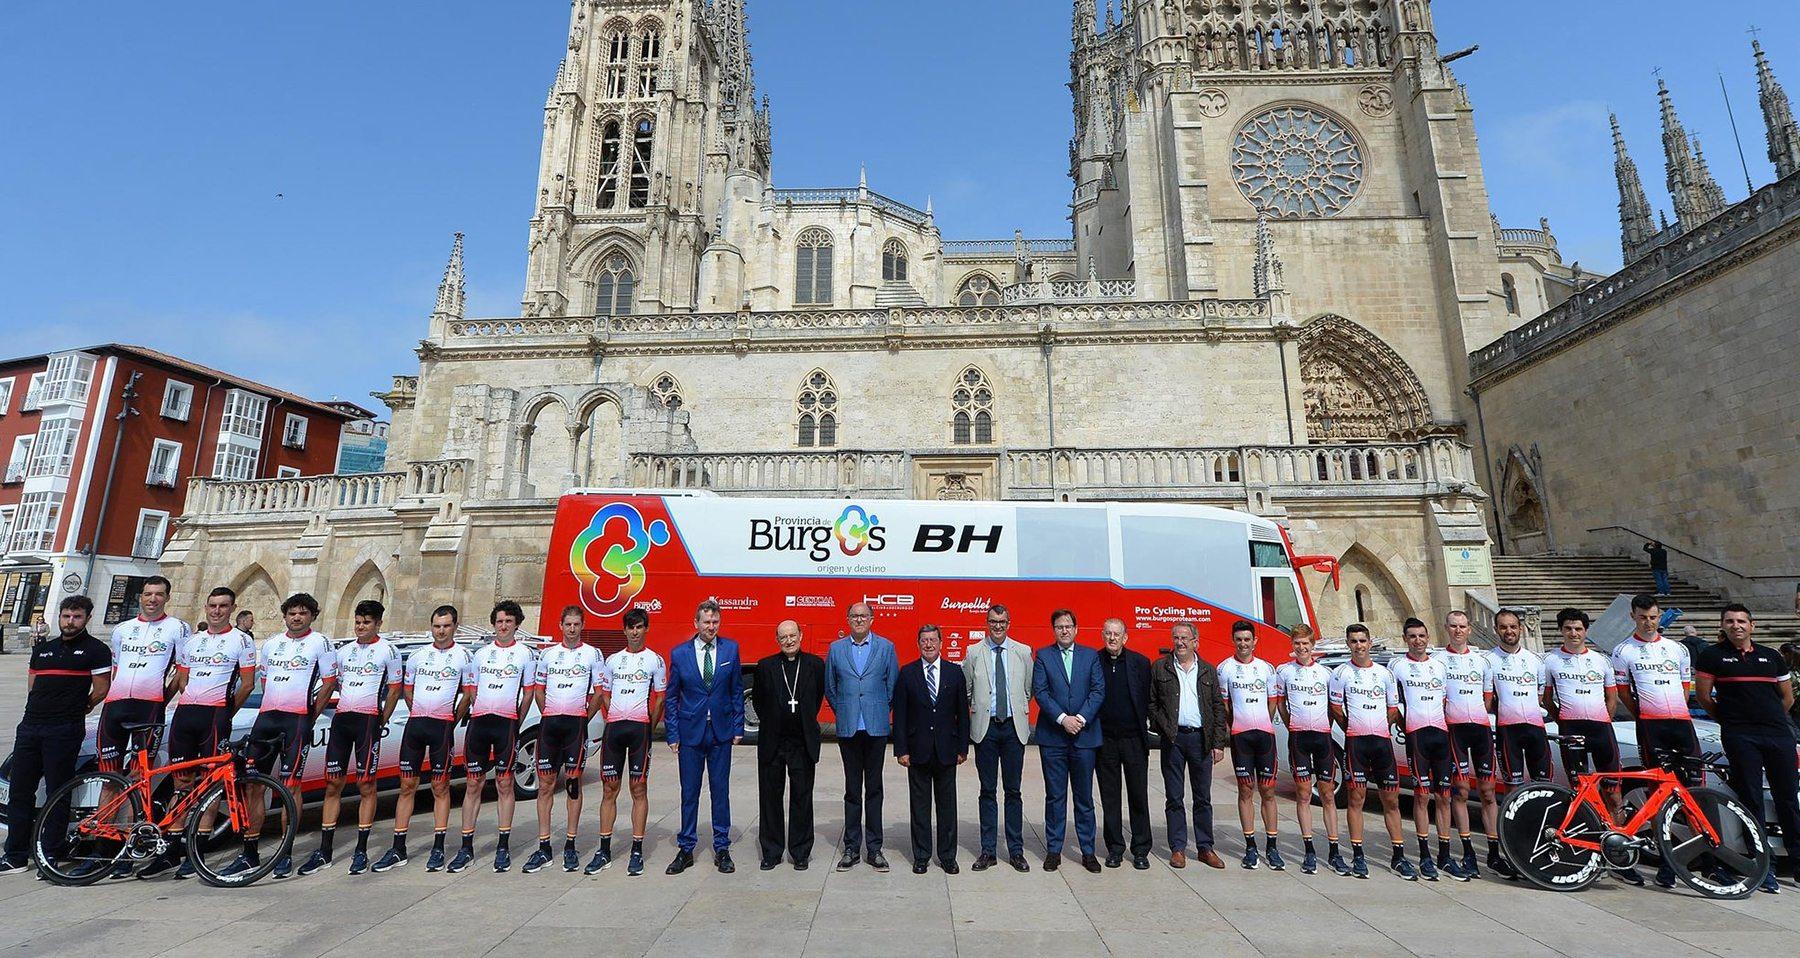 Burgos BH